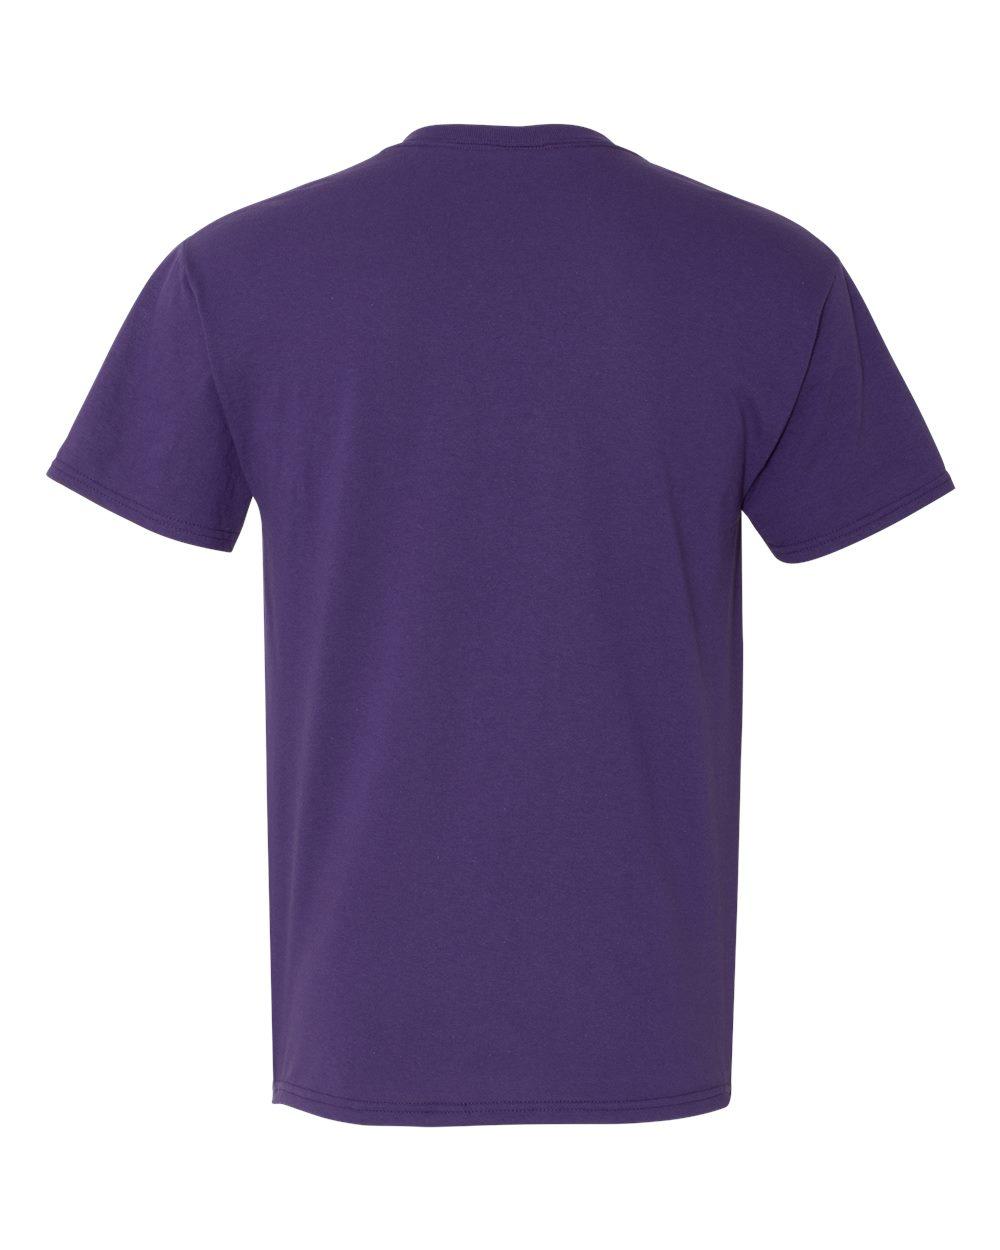 Jerzees-Men-039-s-5-6-oz-50-50-Heavyweight-Blend-T-Shirt-29M-S-4XL thumbnail 61